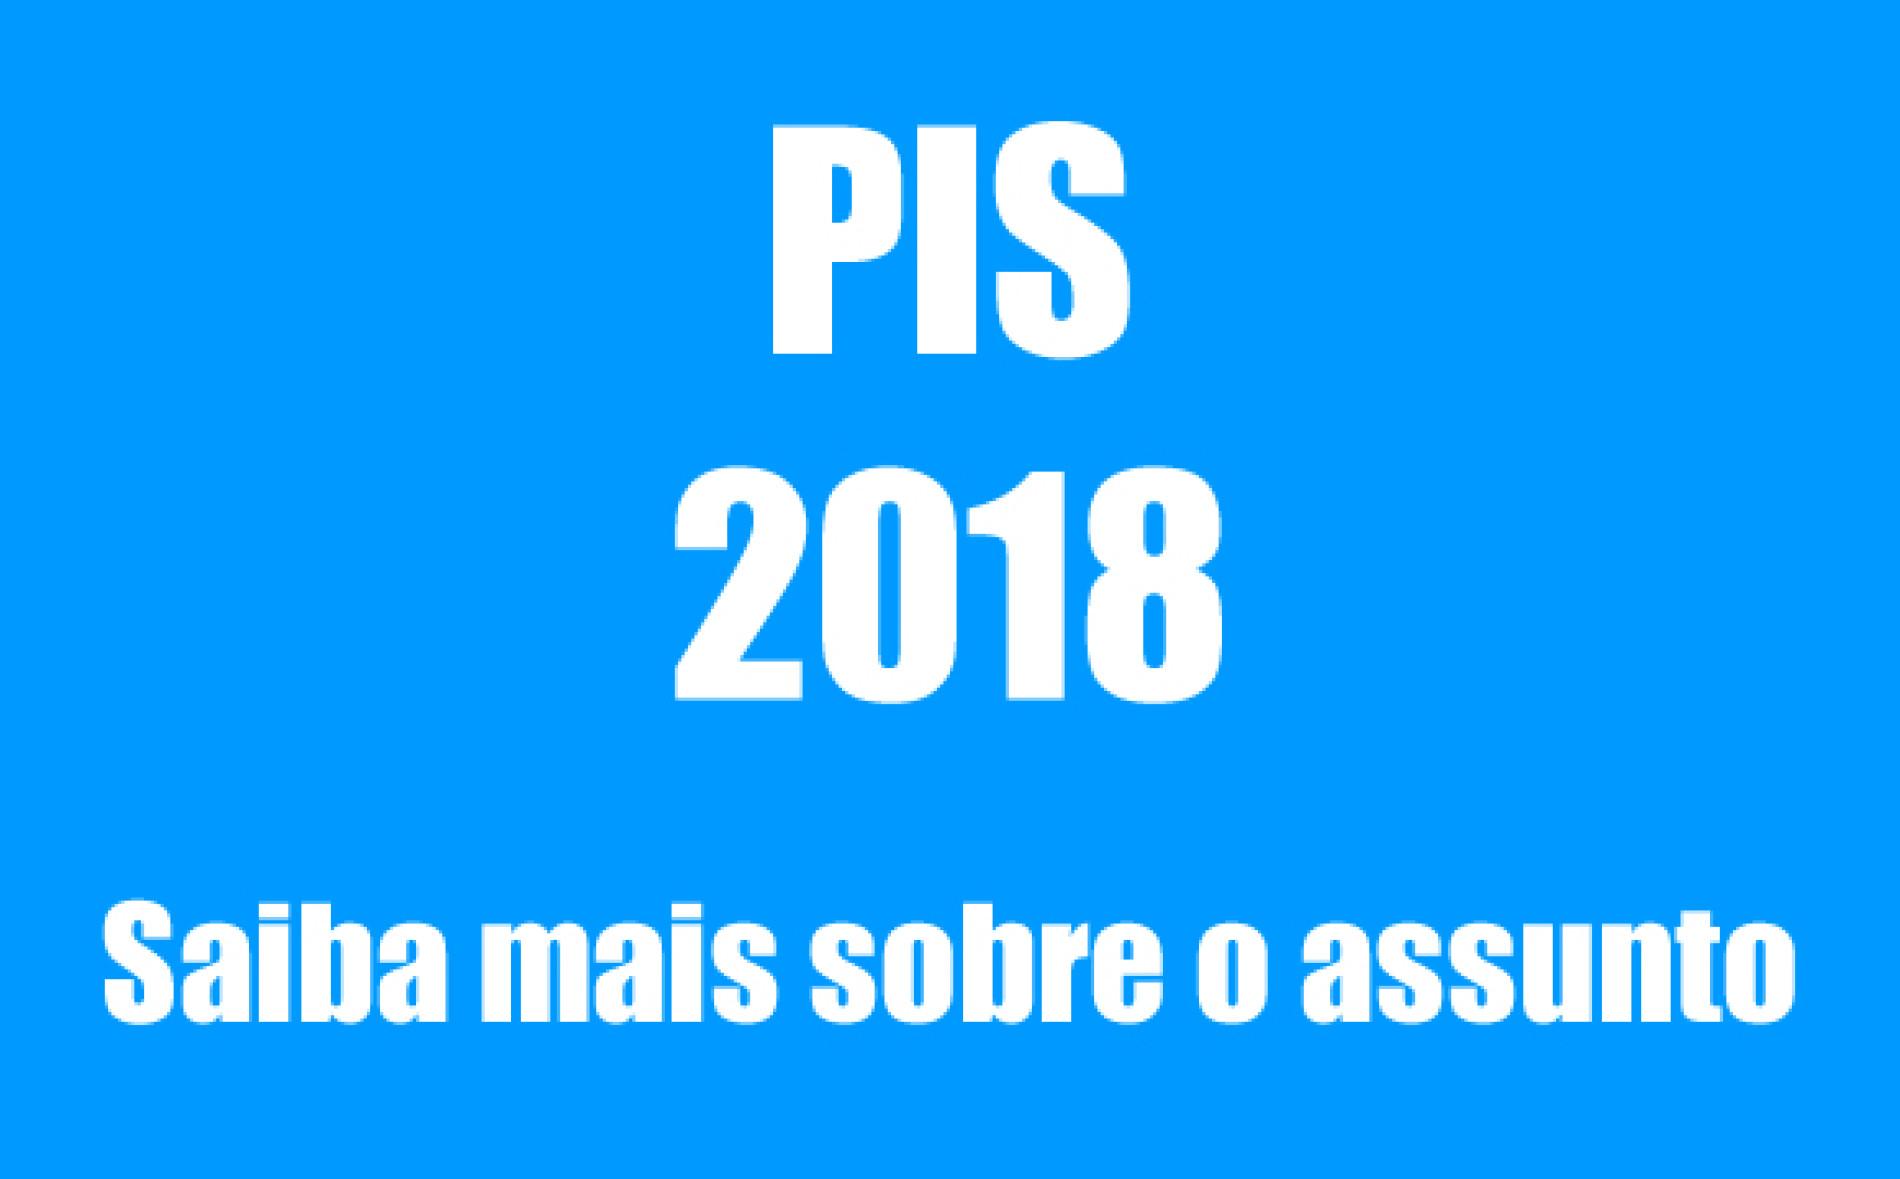 2018 – PIS Consulta Programa Integração Social – Caixa